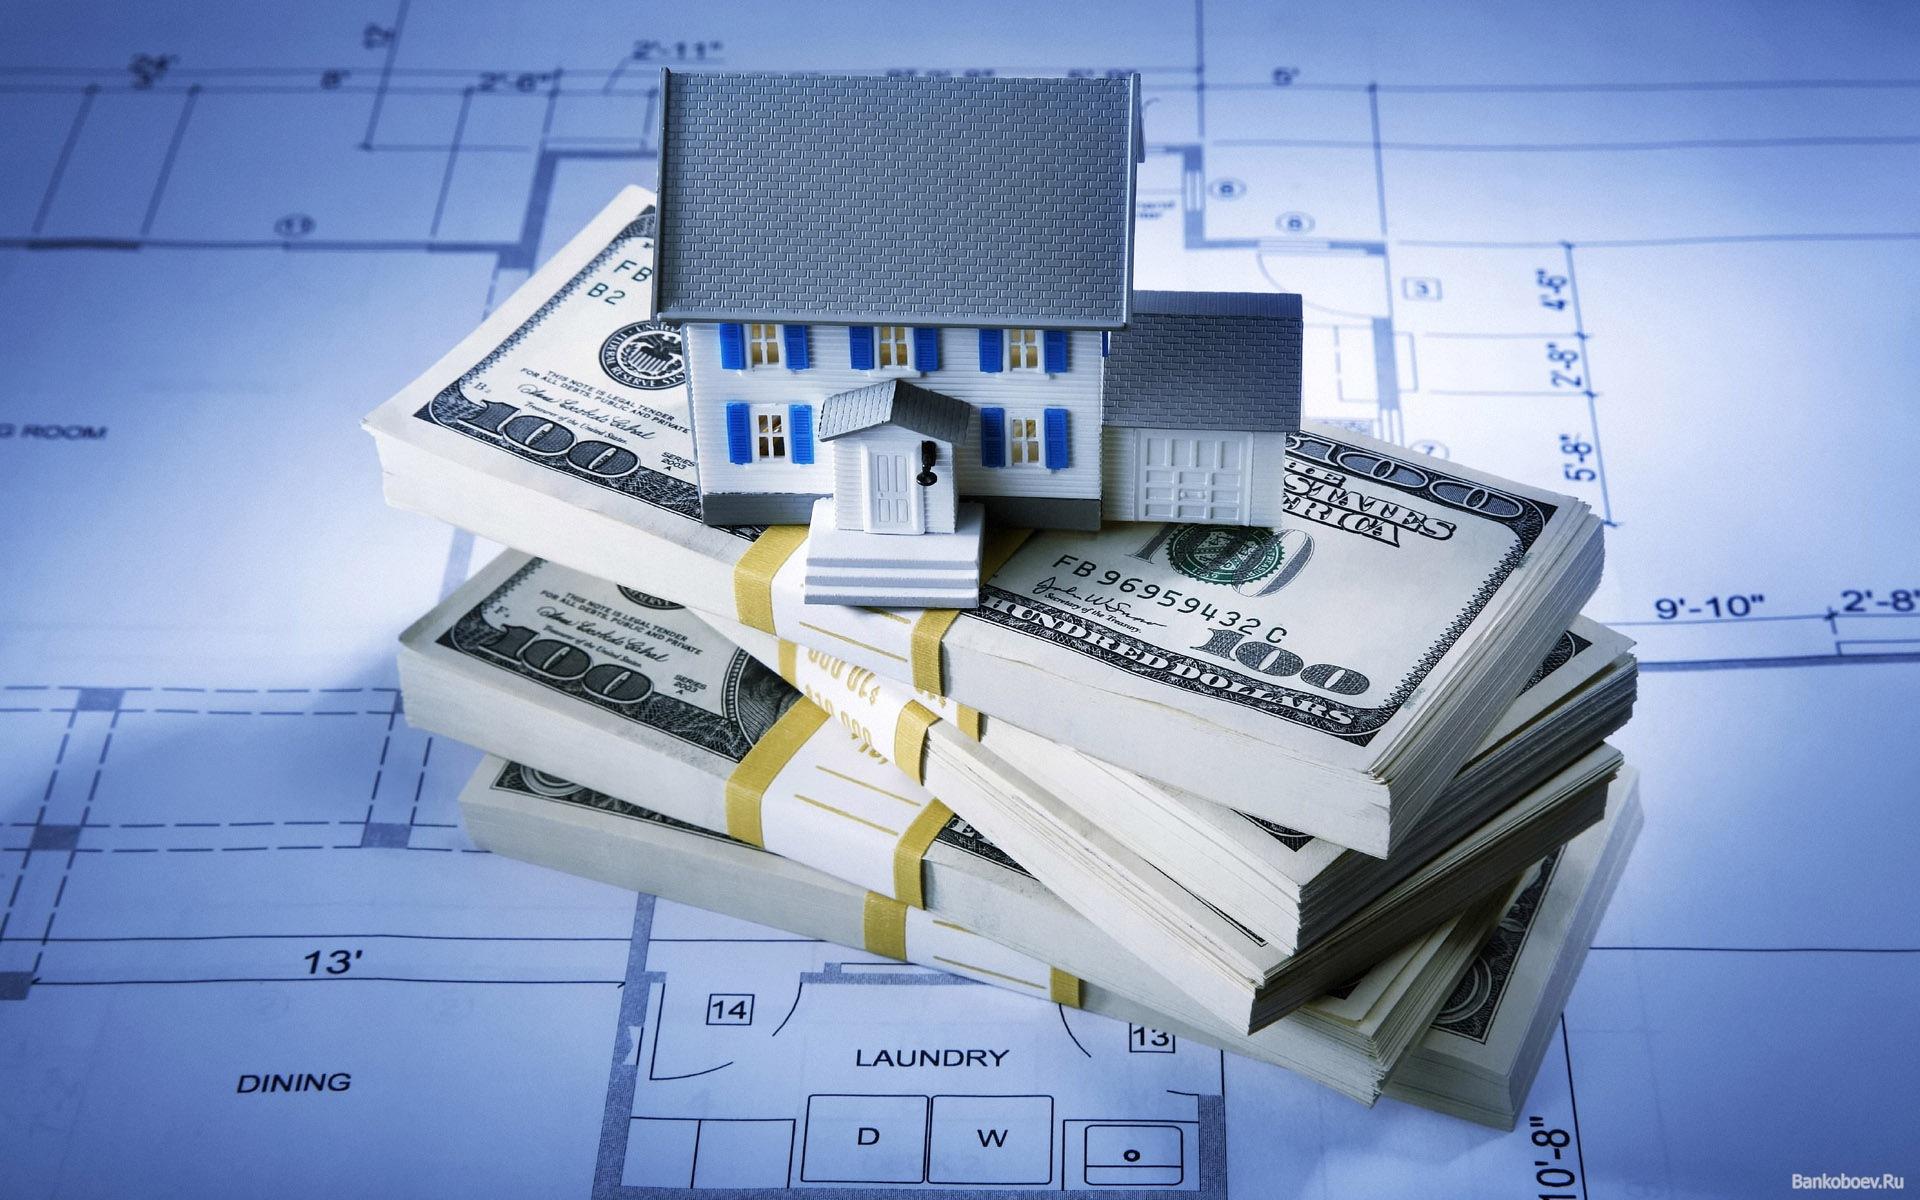 Иммиграция через покупку недвижимости: страны, условия